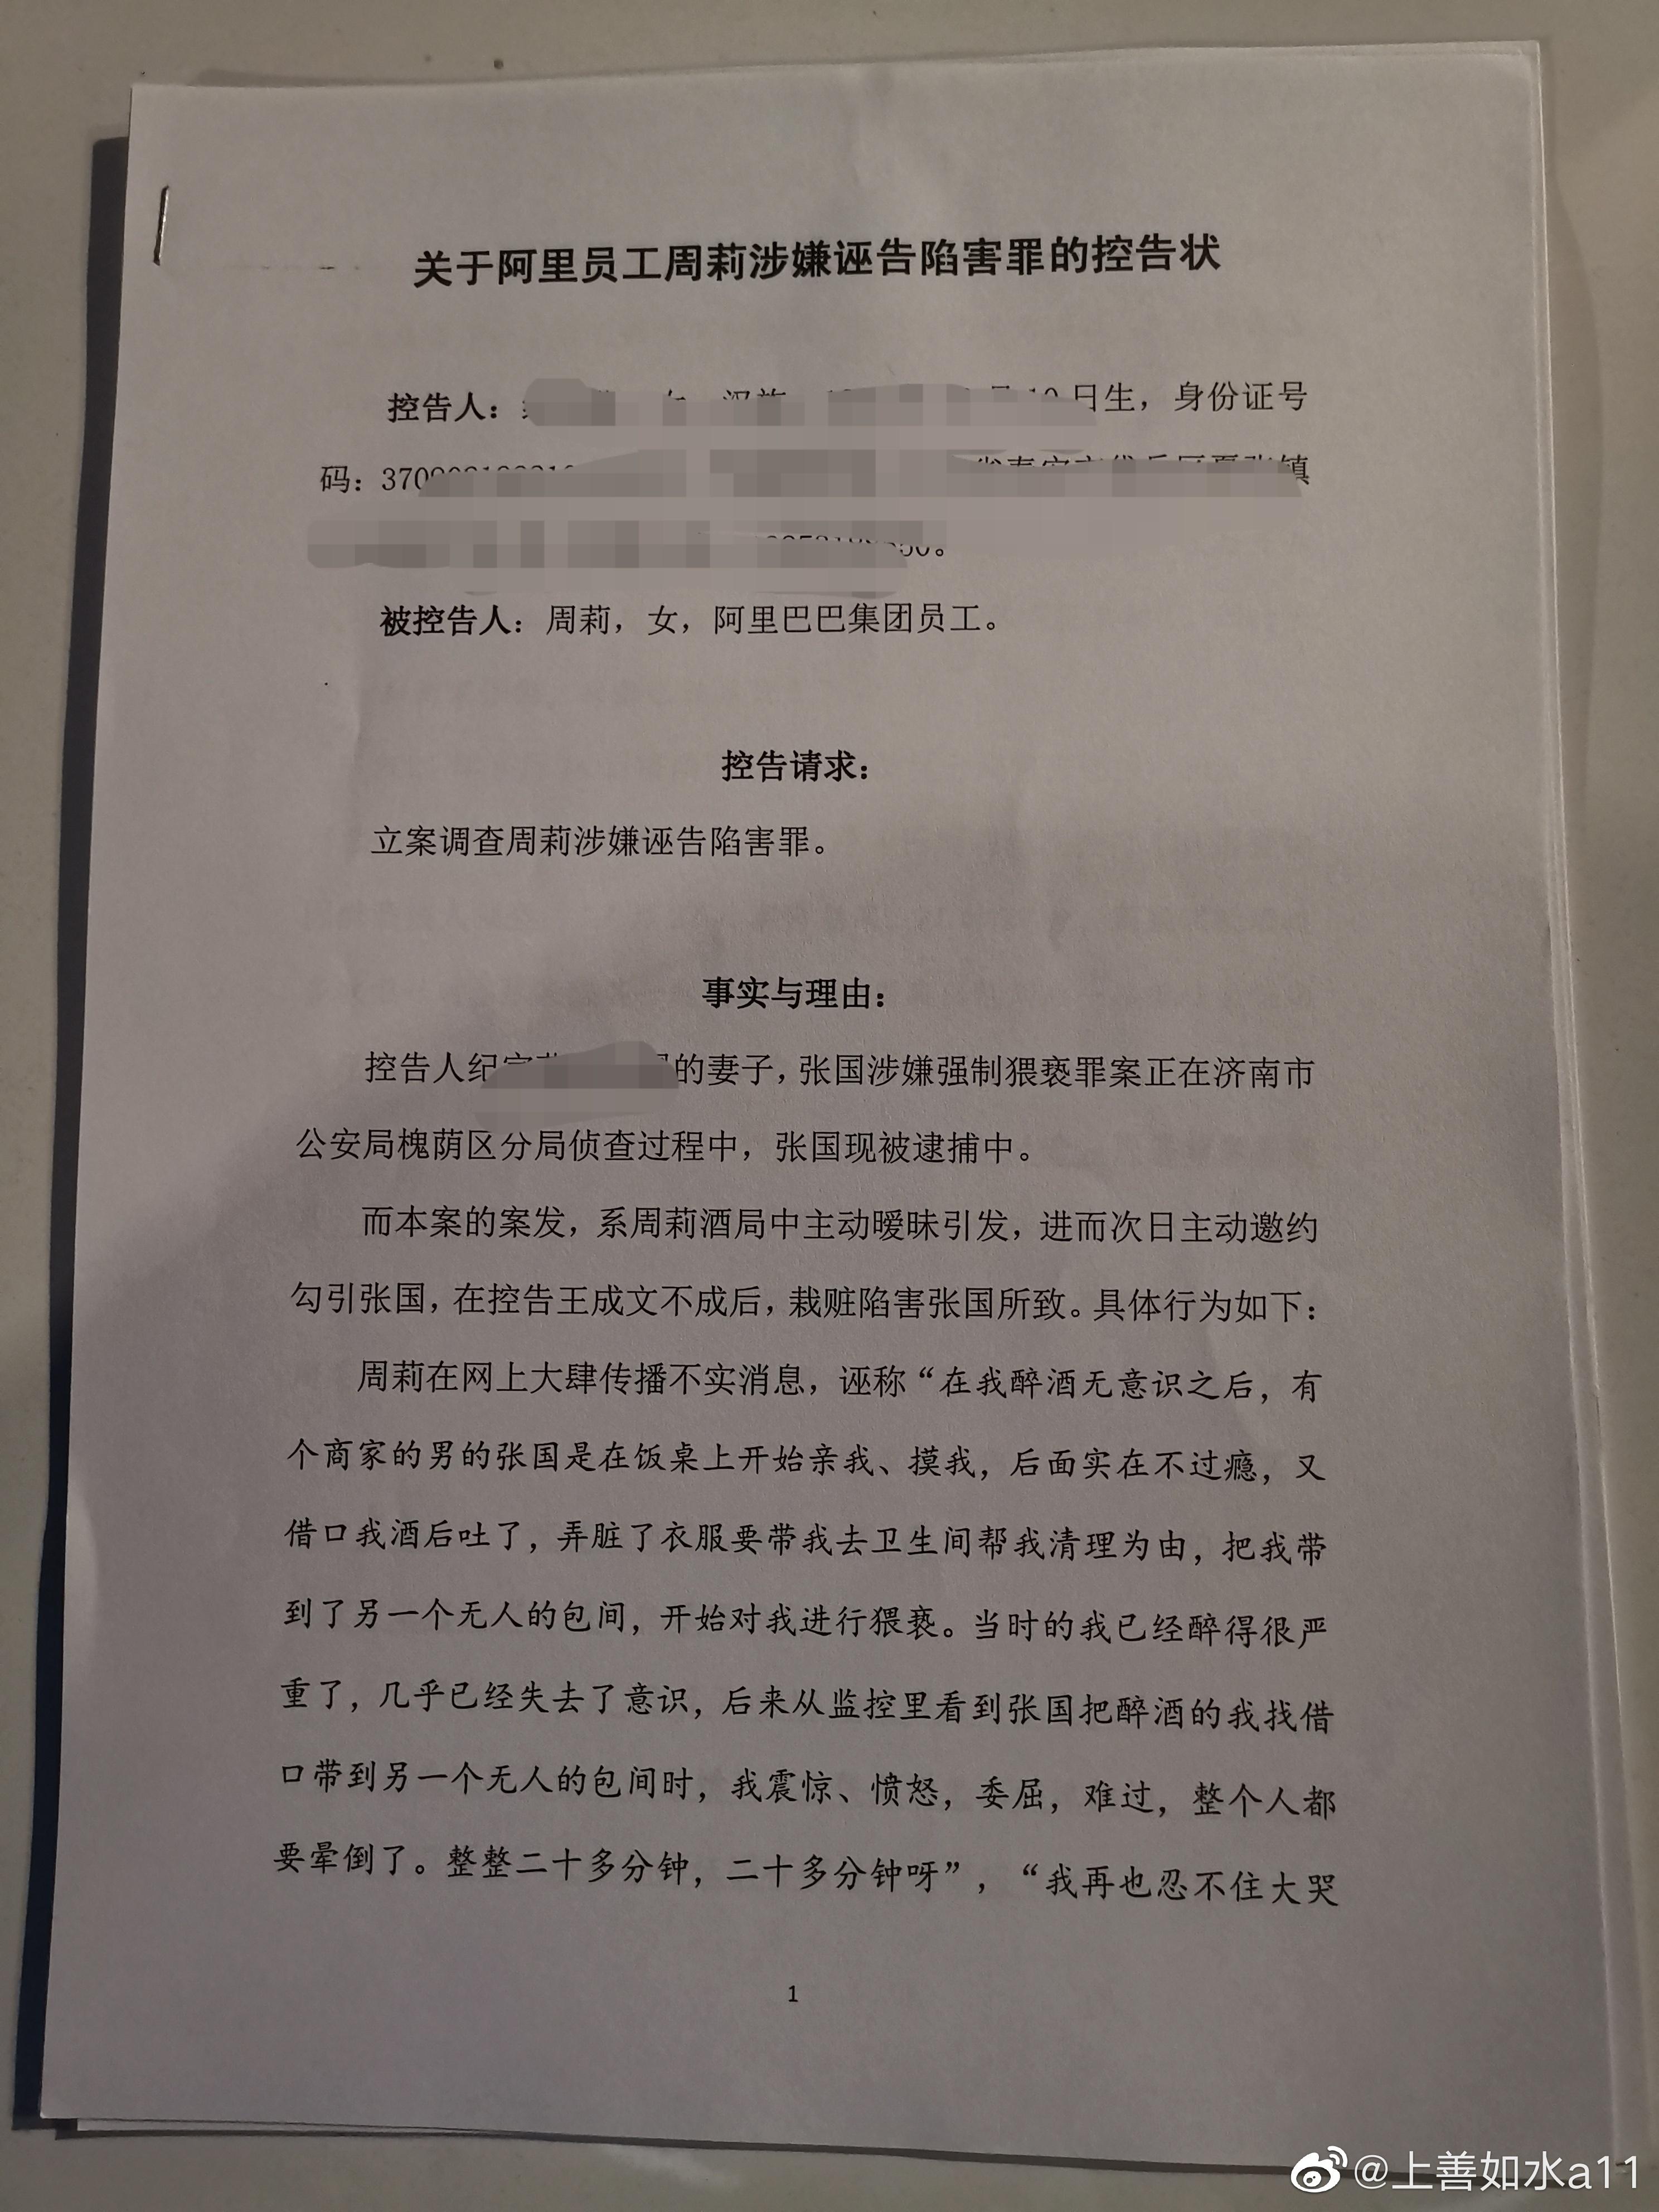 阿里性侵案两位男方妻子共称:已控告女员工周某!